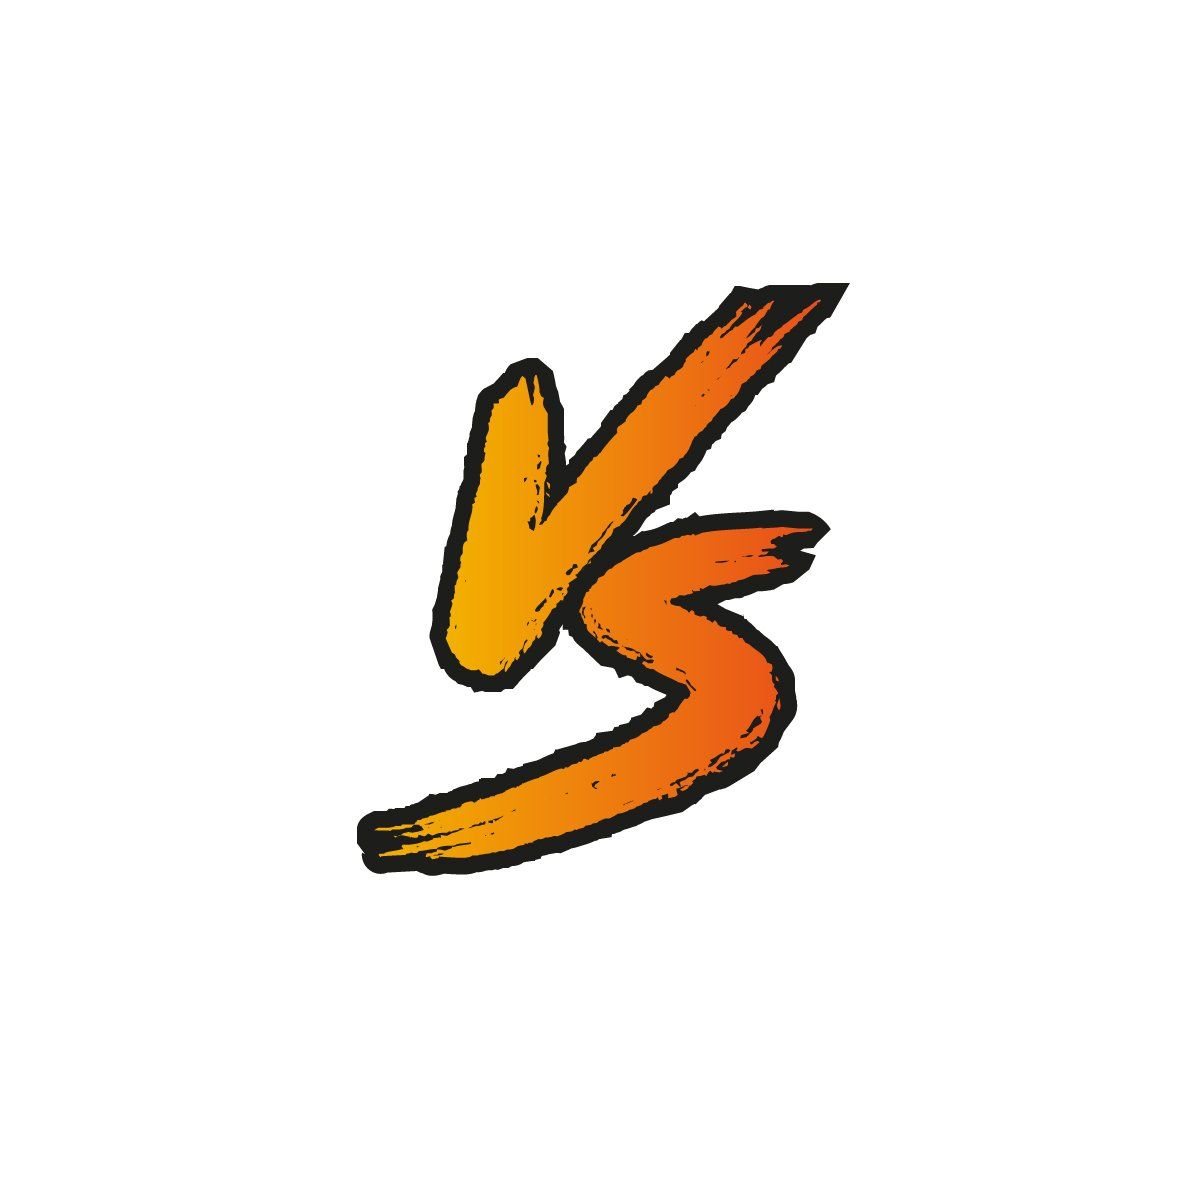 Vs Versus Letter Logo Battle Letter Logo Game Logo Design Game Logo